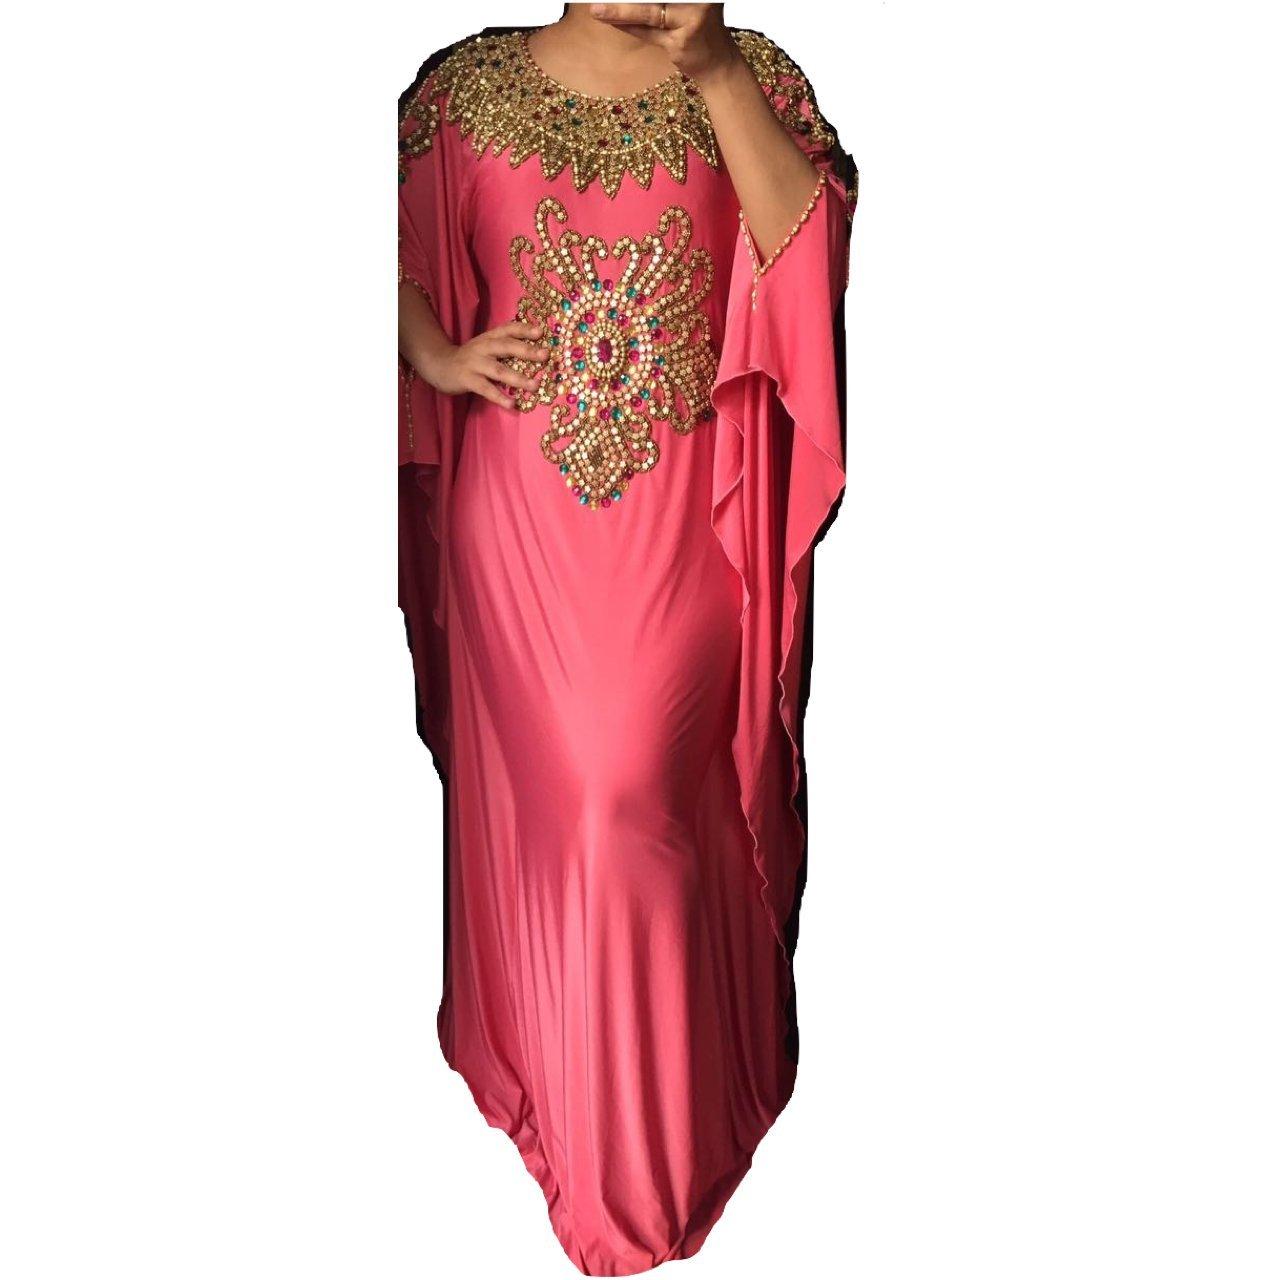 Paulina - Fitted Batwing 32 Style Kaftan, Abaya, Dress L